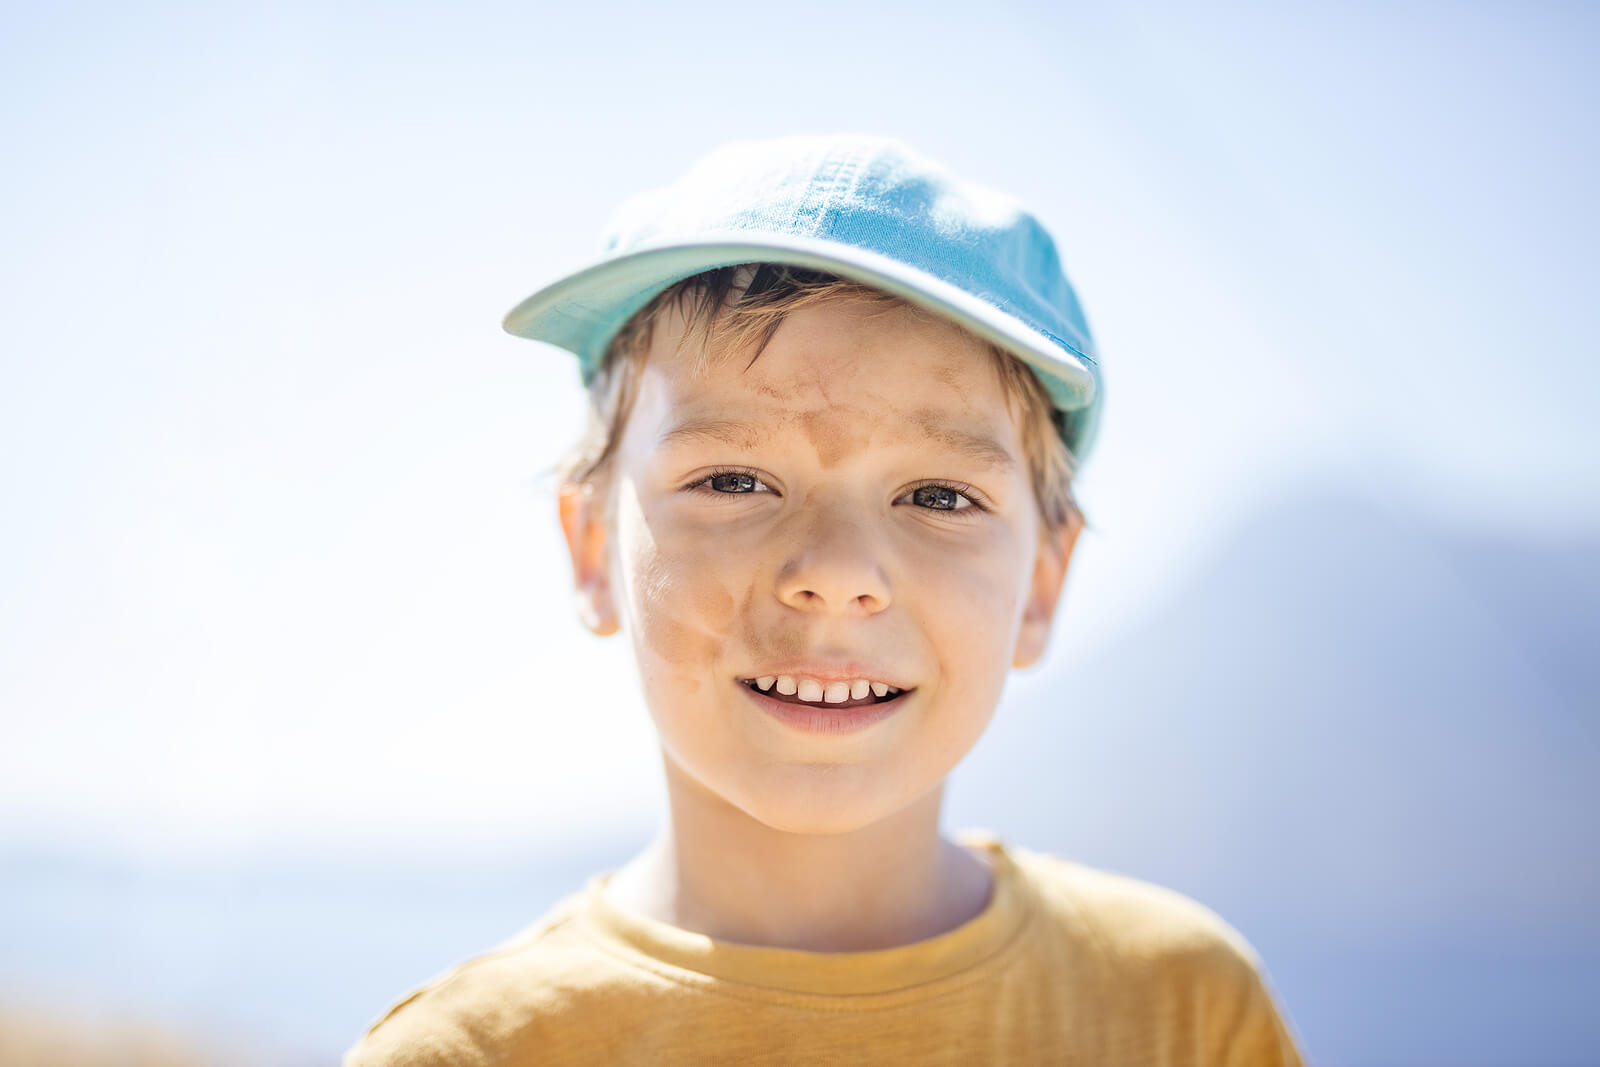 Niño con pitiriasis alba protegiéndose del sol con una gorra.